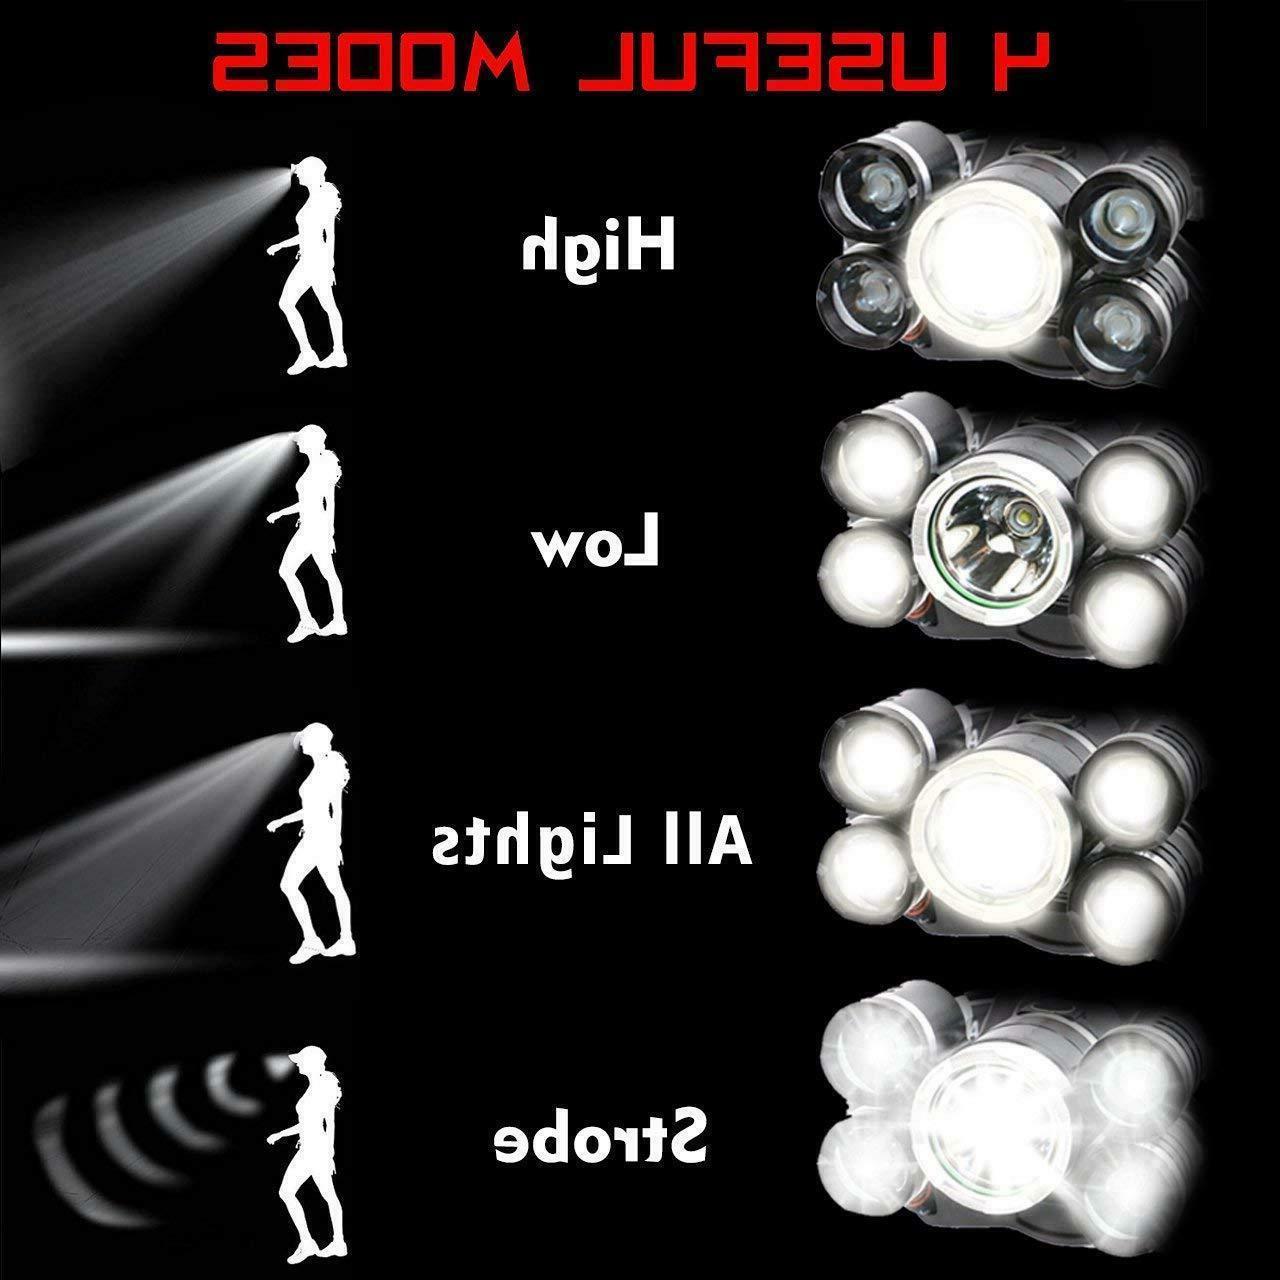 Super-bright 5 XM-L T6 Headlight Head Torch